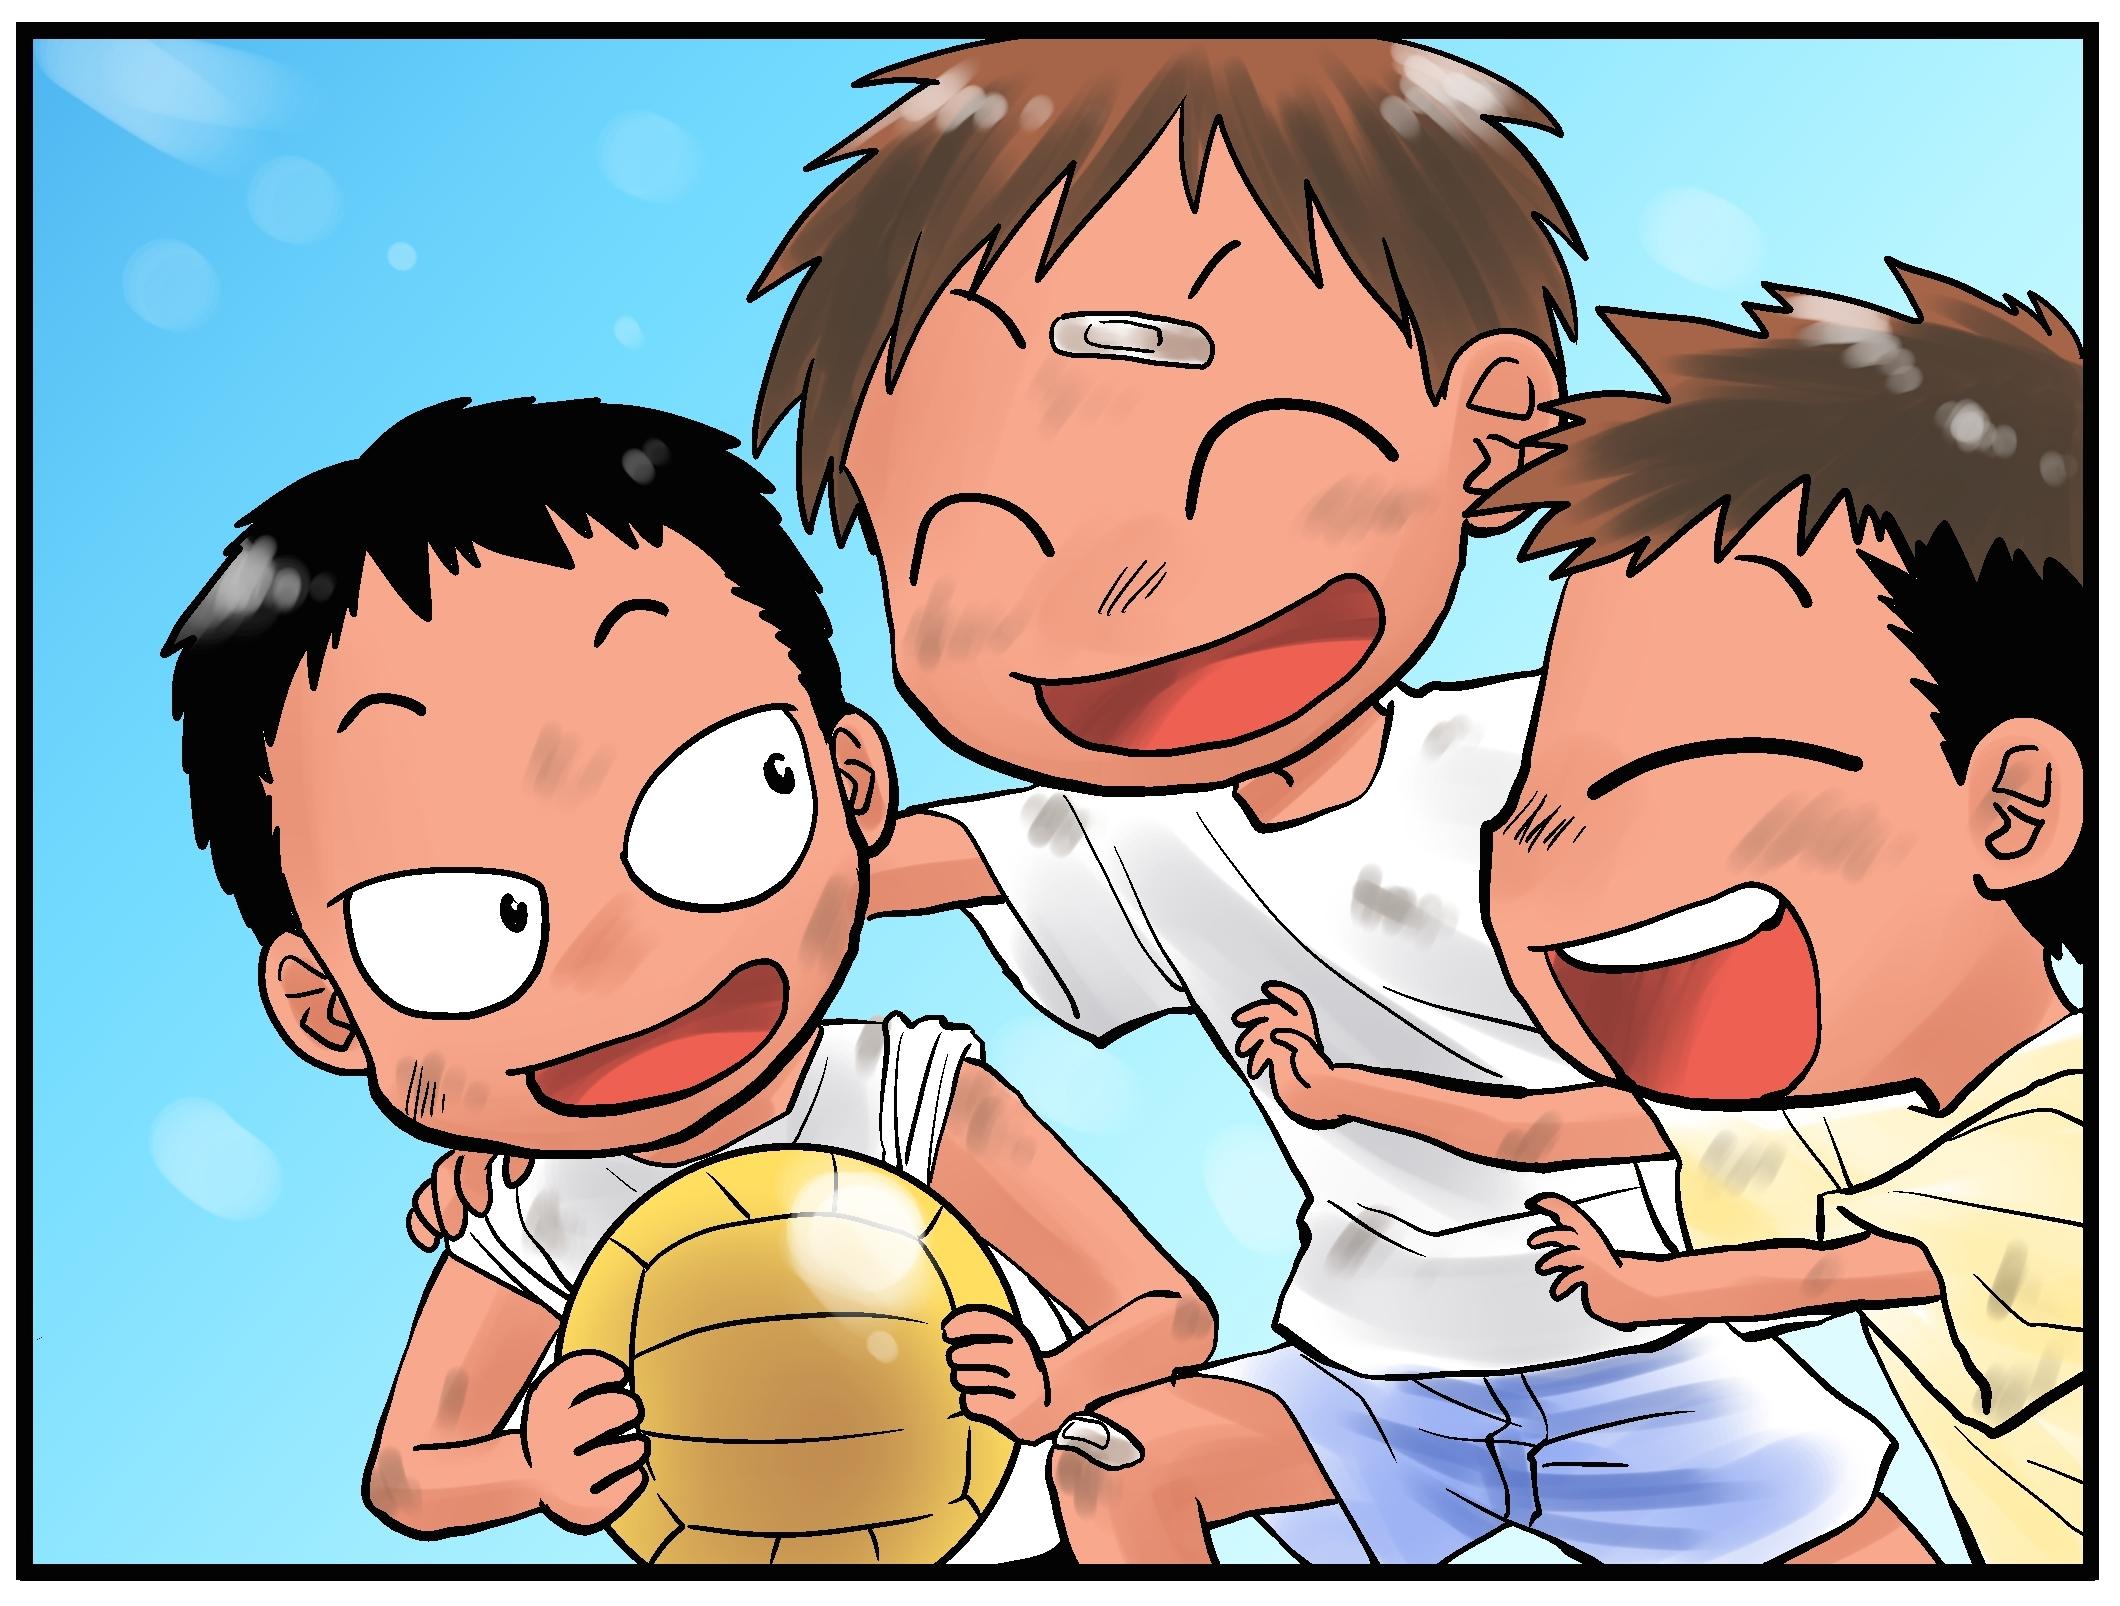 男子小学生ちんこ画像 諏訪大社十五夜相撲(子供相撲)(和田フォト)